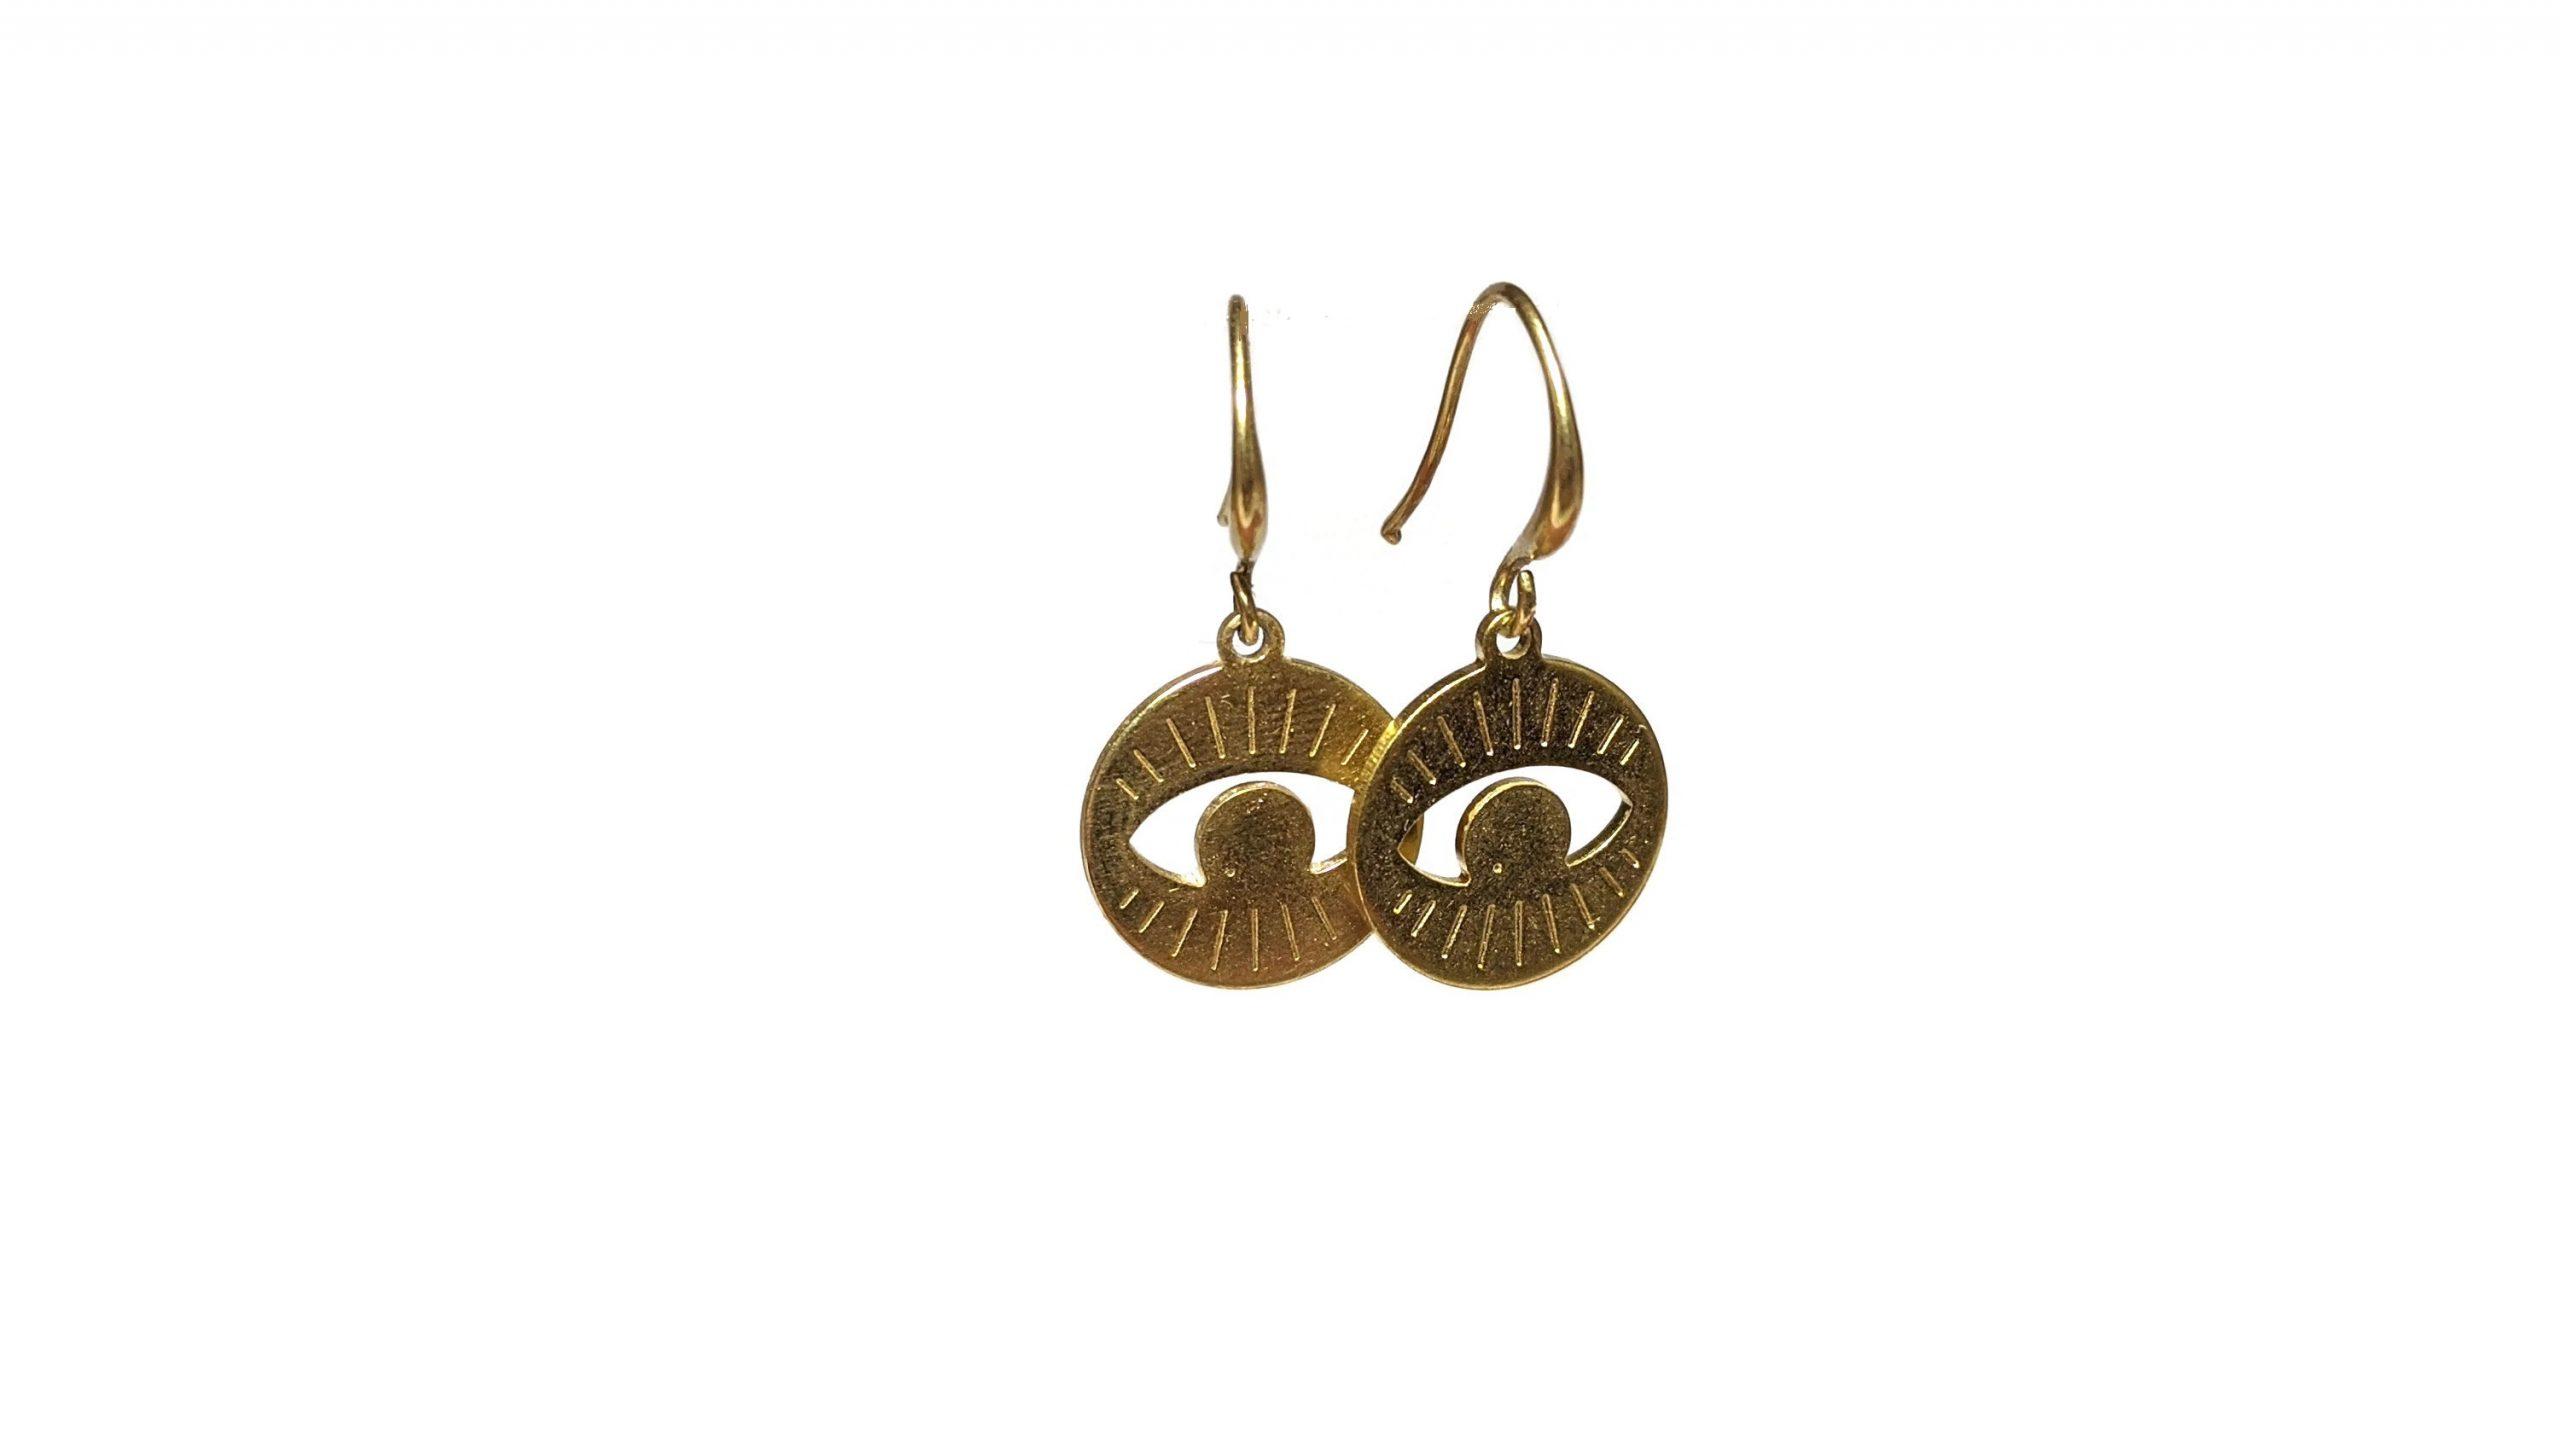 Brass evil eye earrings